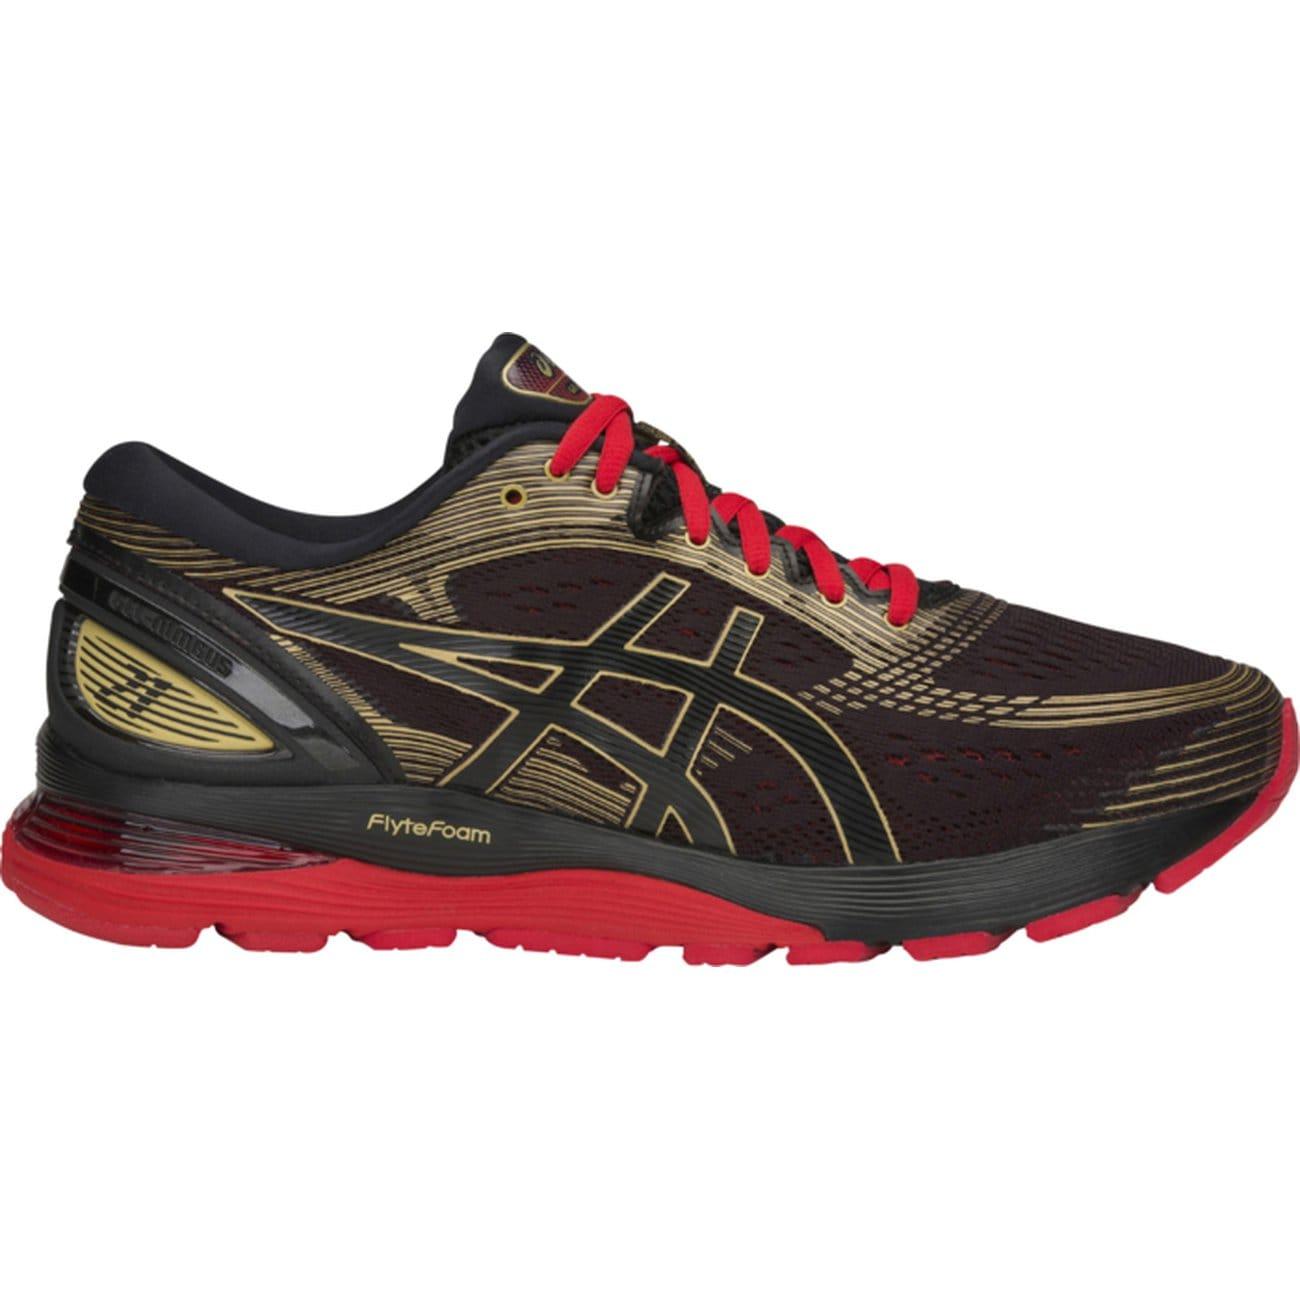 Chaussures de running Asics Gel-Nimbus 21 Mugen - Tailles 40 à 47